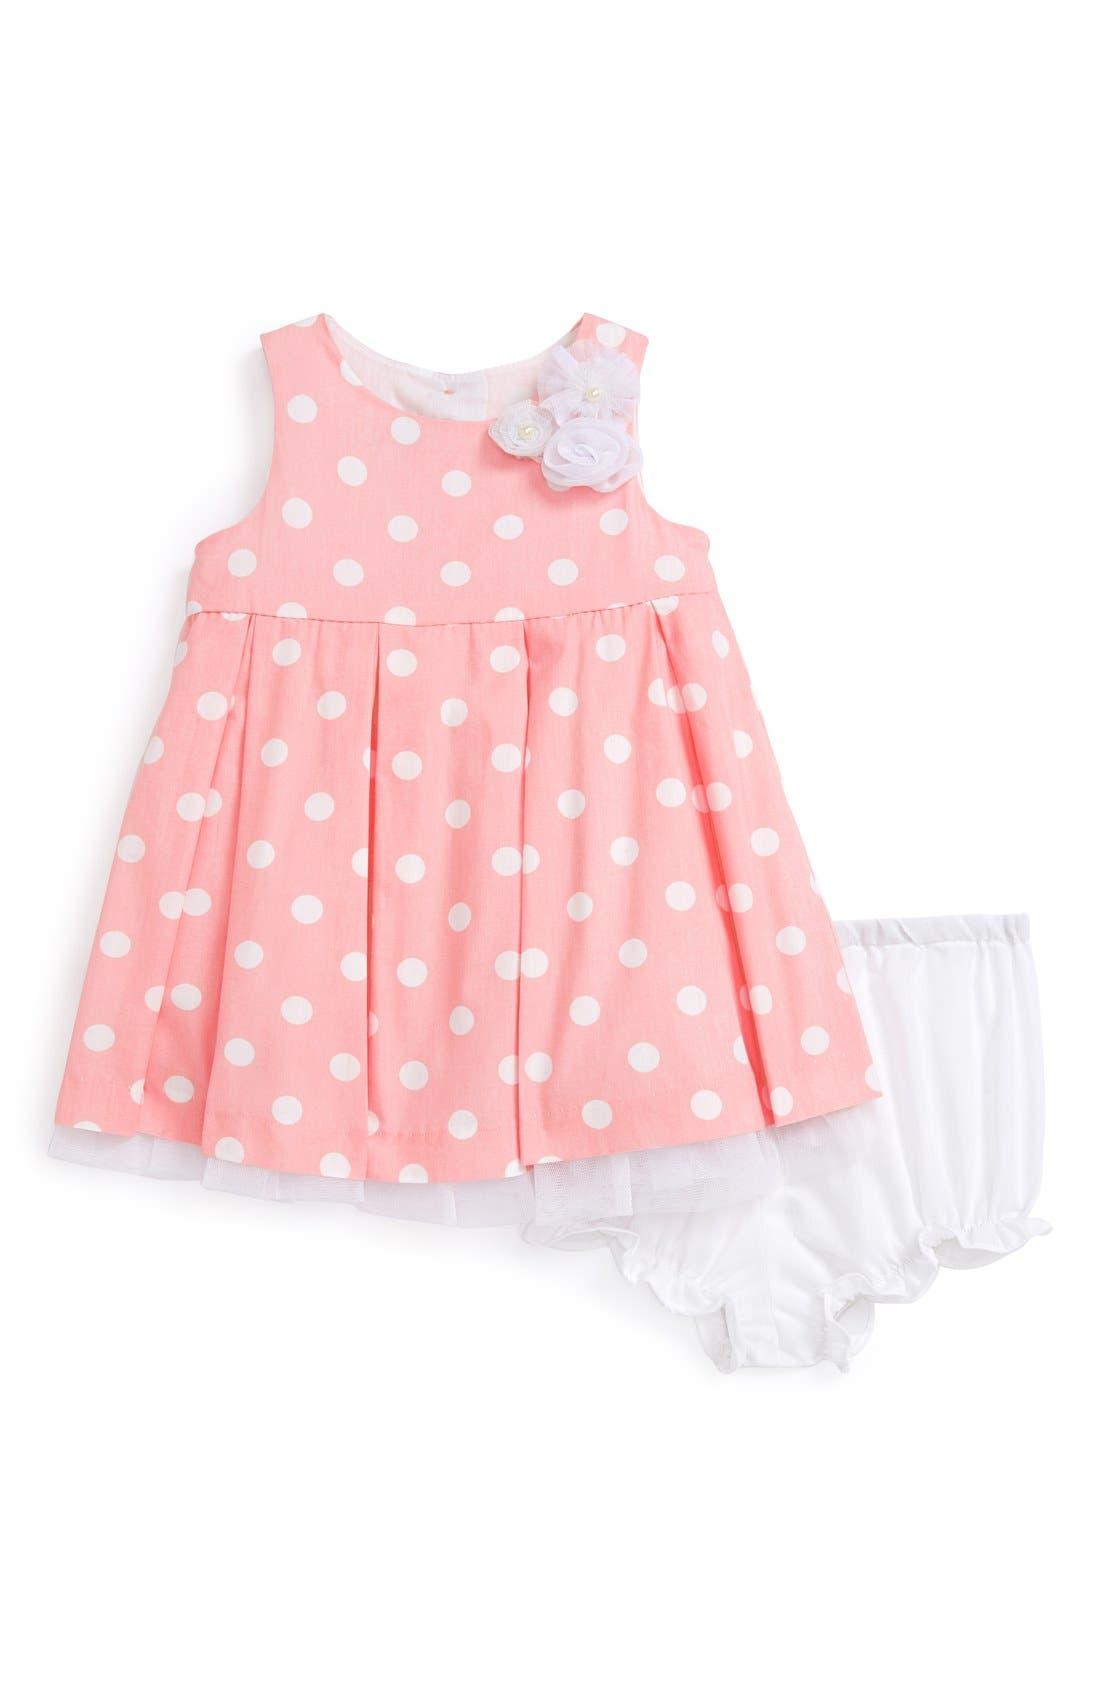 Main Image - Pippa & Julie Polka Dot Dress & Bloomers (Baby Girl)